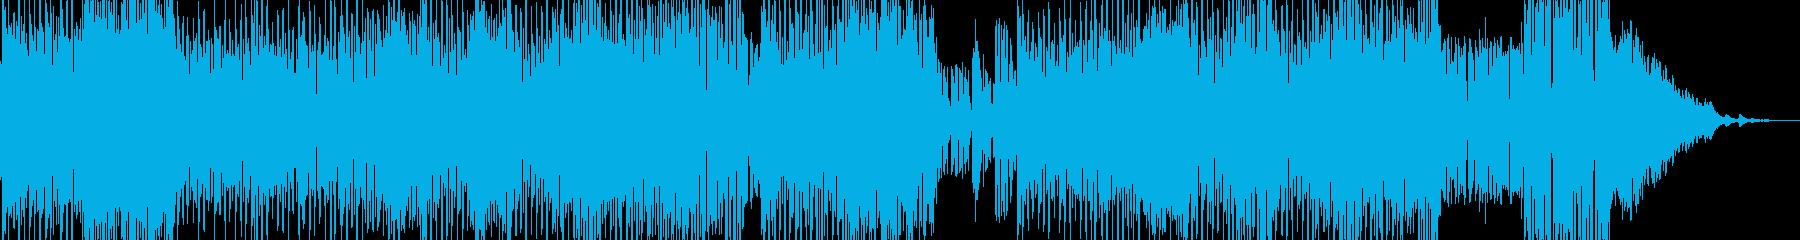 雲海・浮遊感漂う中華テクノポップ 短尺の再生済みの波形